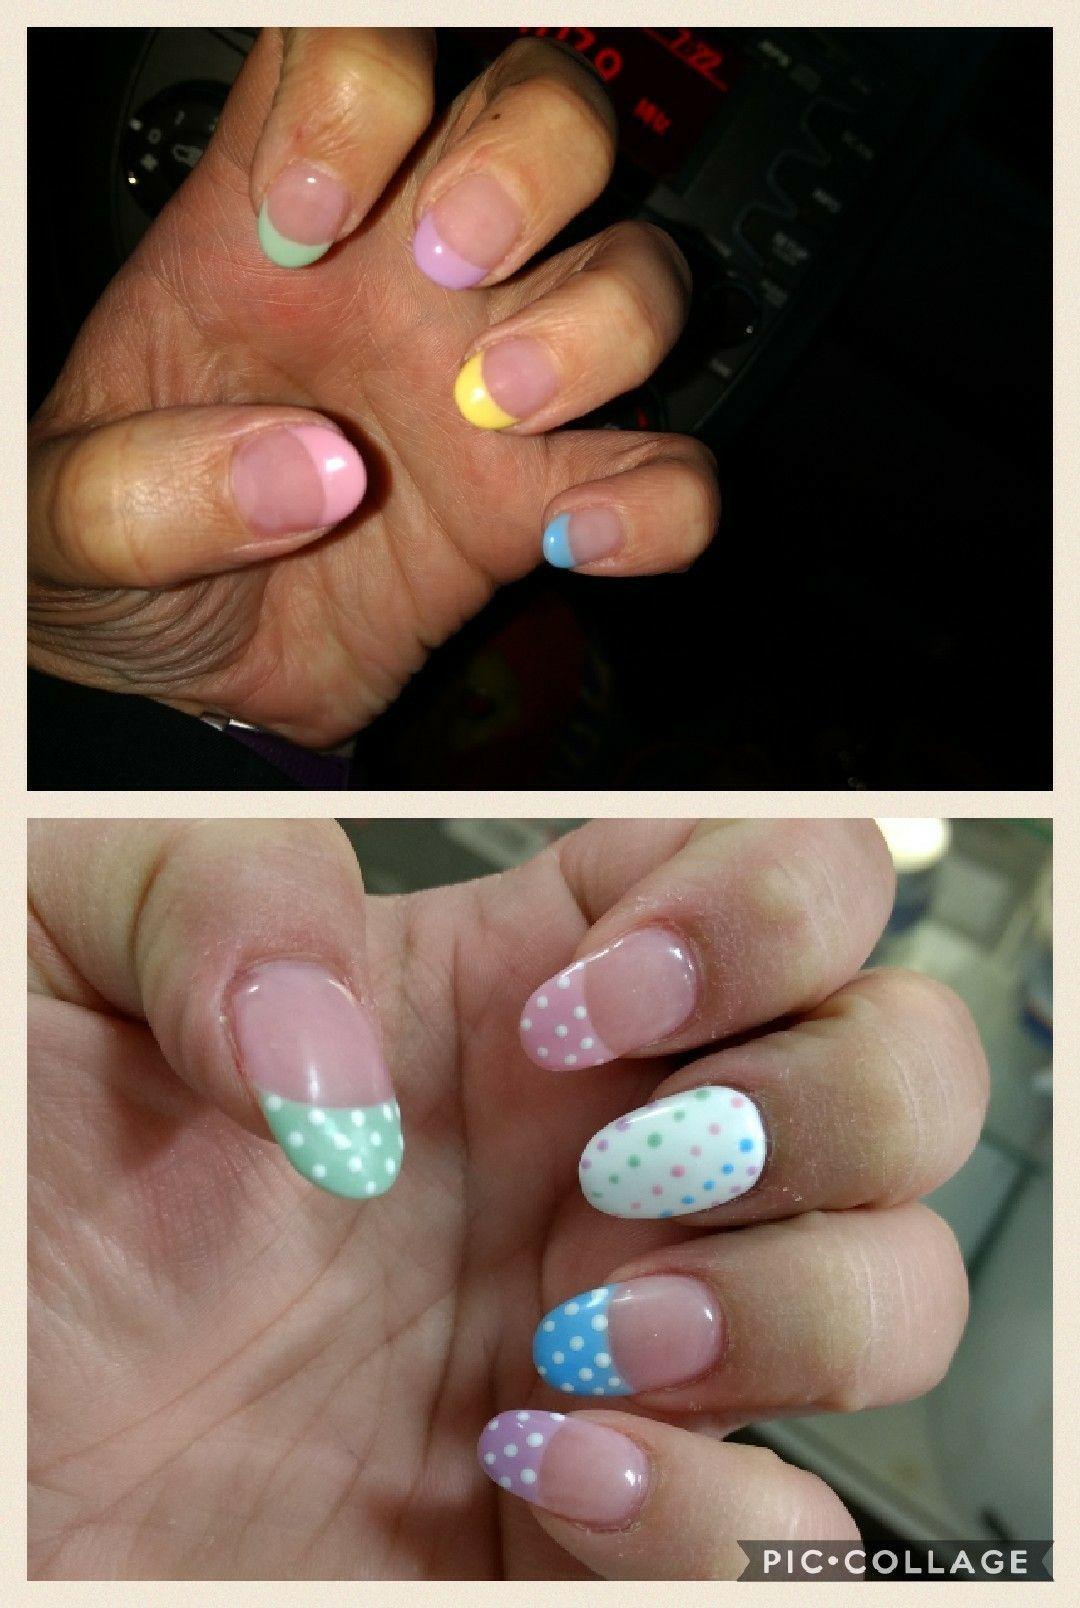 Awesome nails again Kim and Jackie at No 1 nails in Fairmount Ny ...